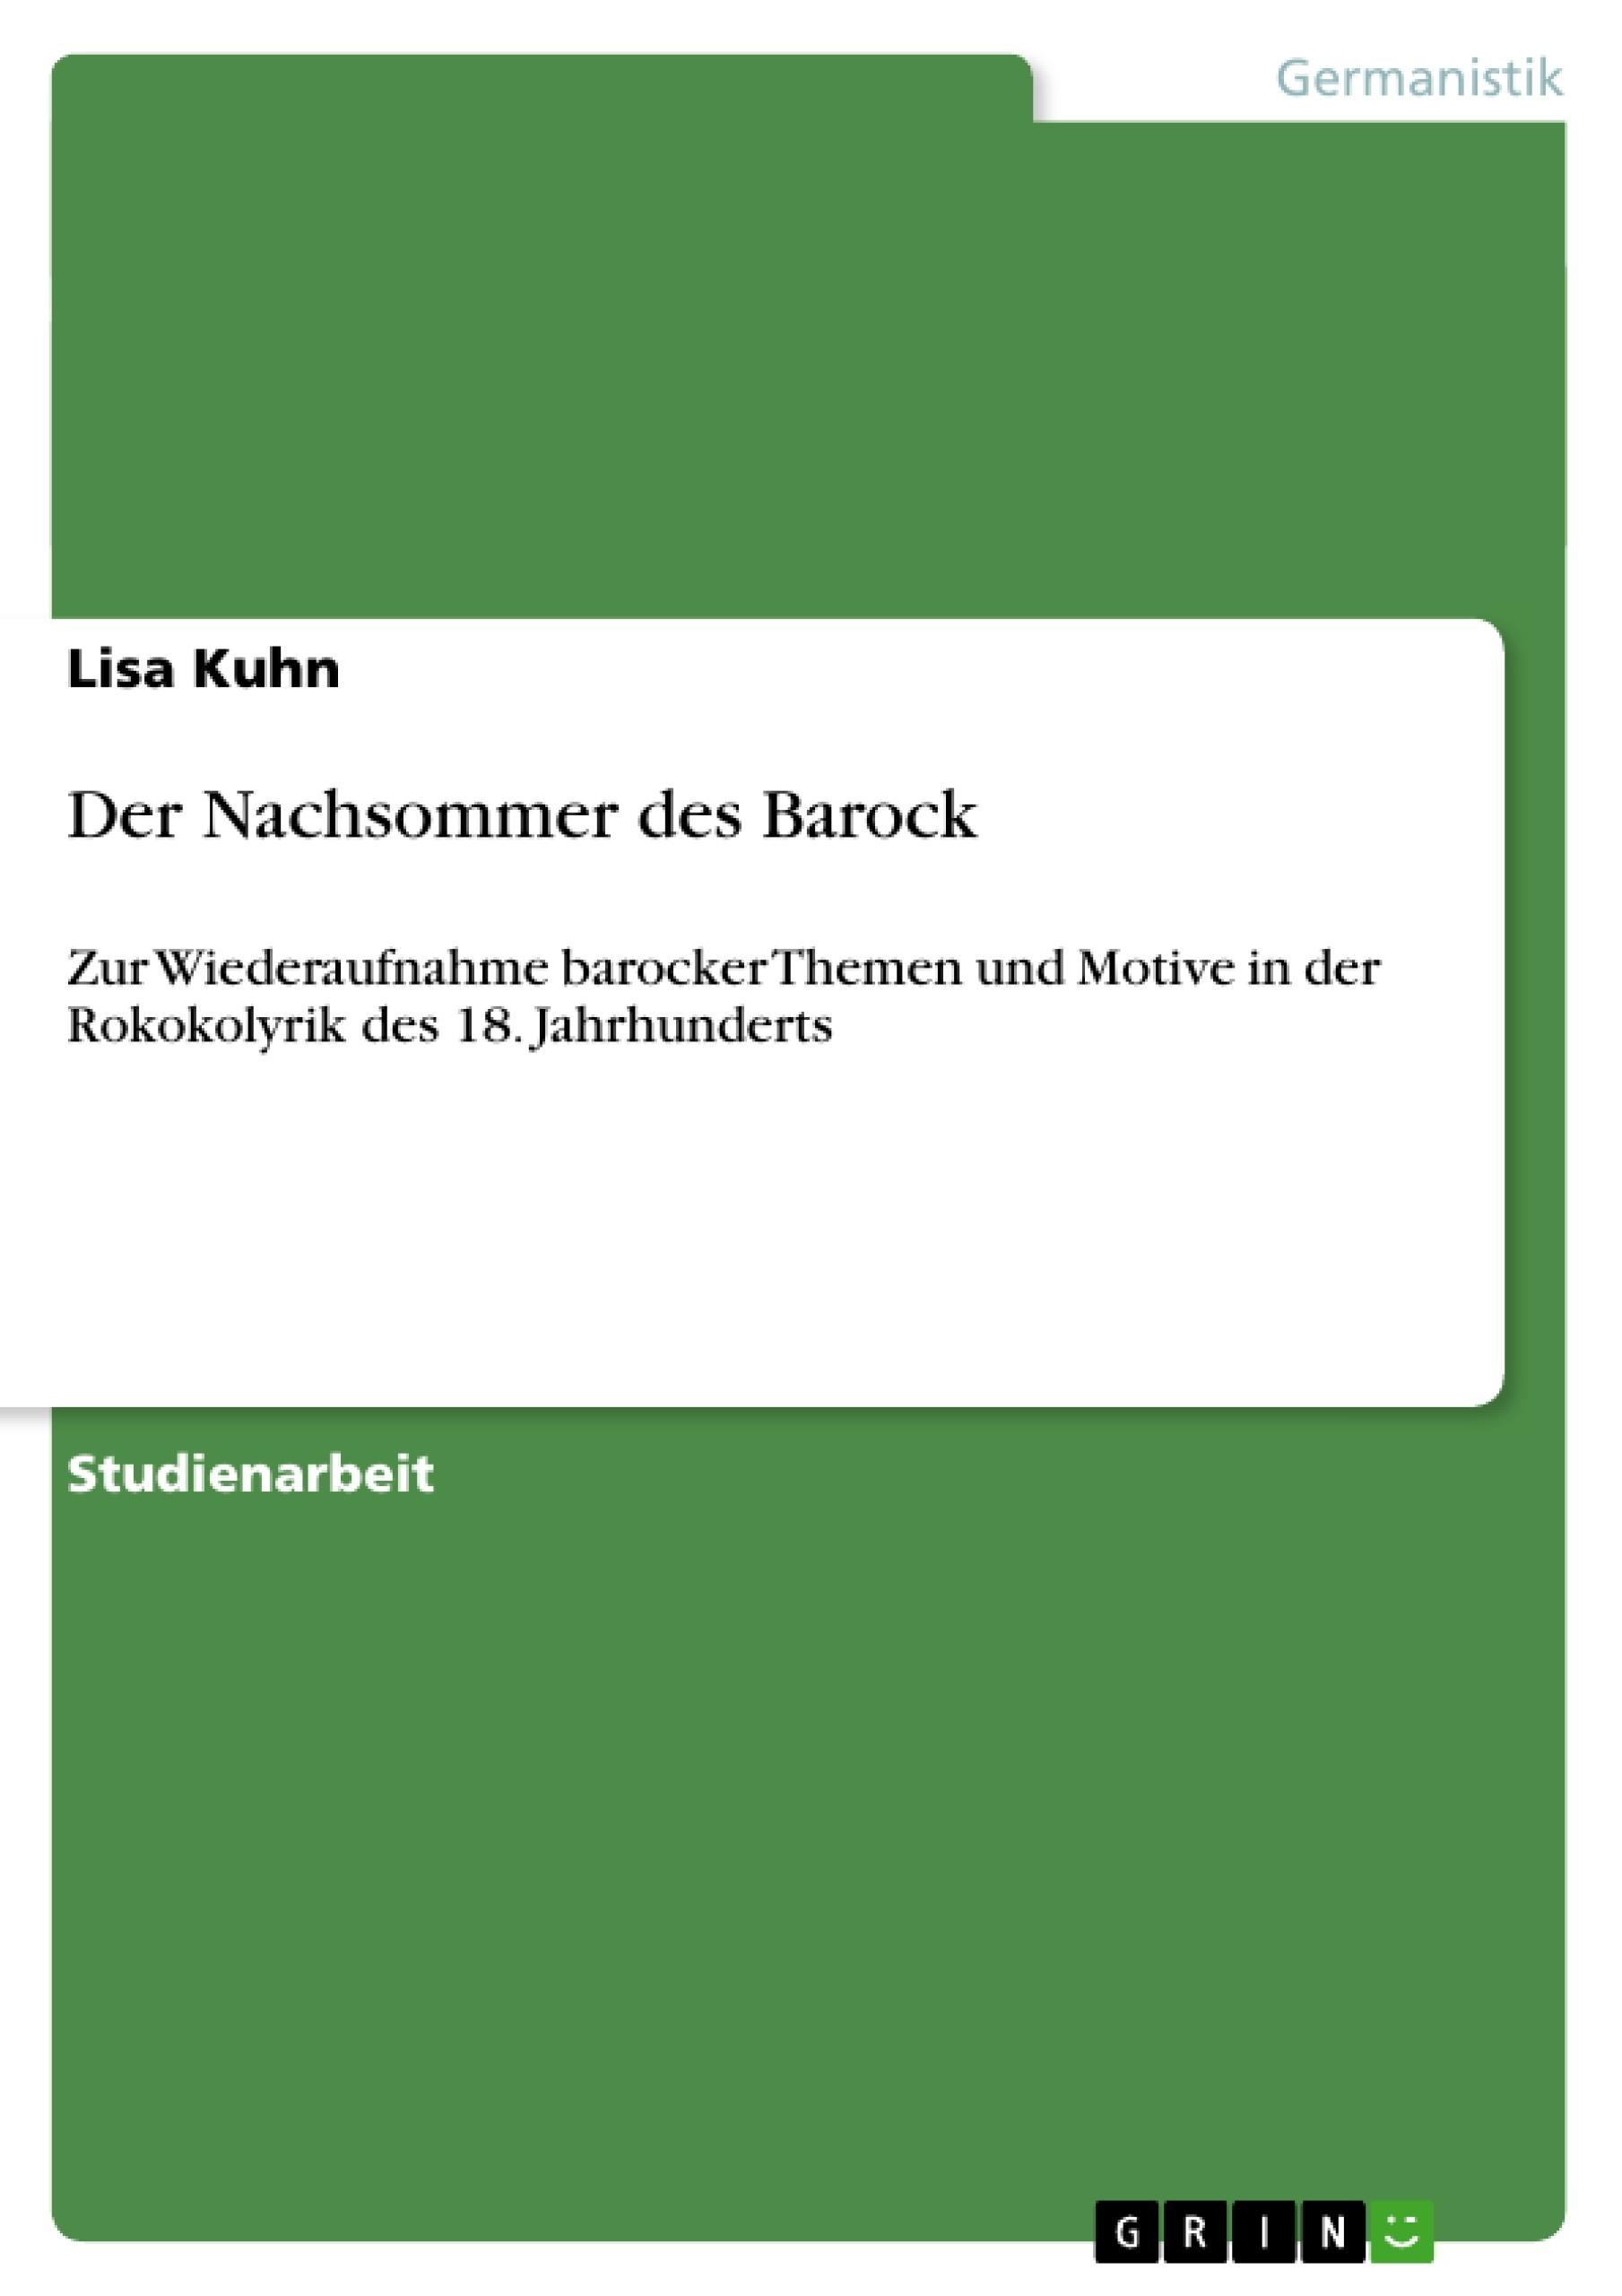 Erfreut Probe Wiederaufnahme Der Automatisierungsprüfung Bilder ...